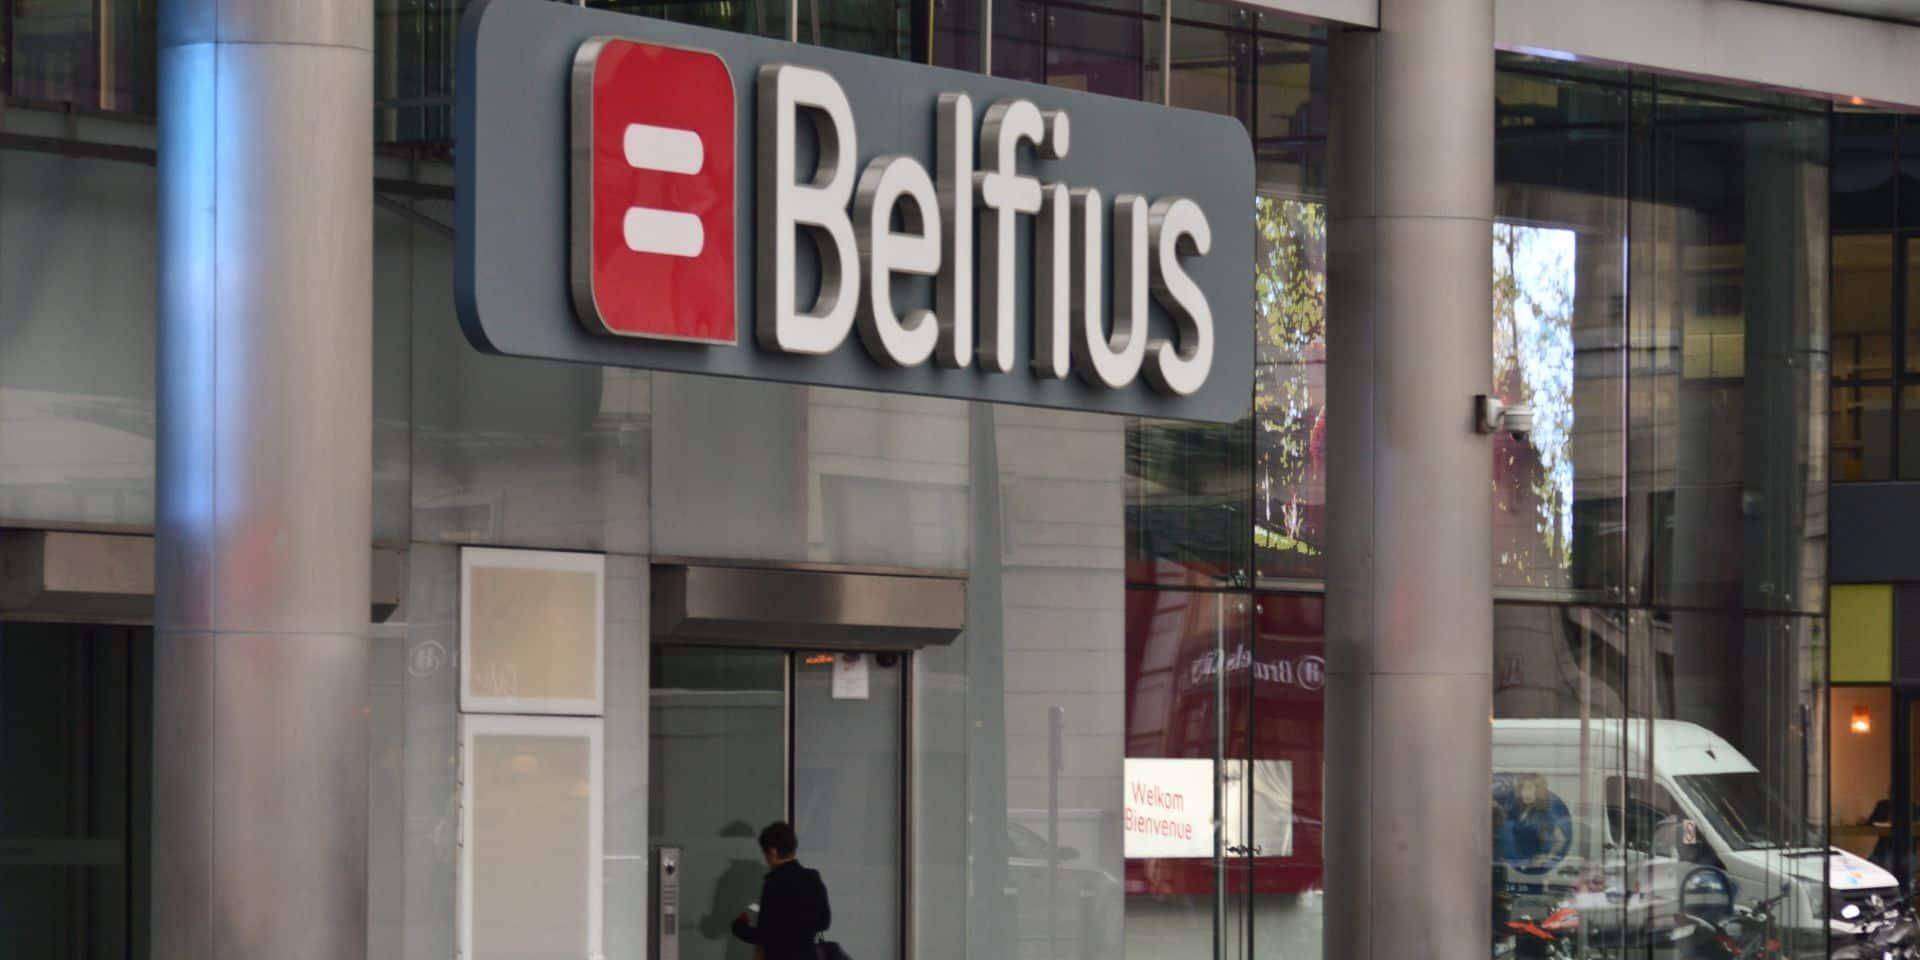 Problème chez Belfius : impossible de retirer de l'argent dans plusieurs agences